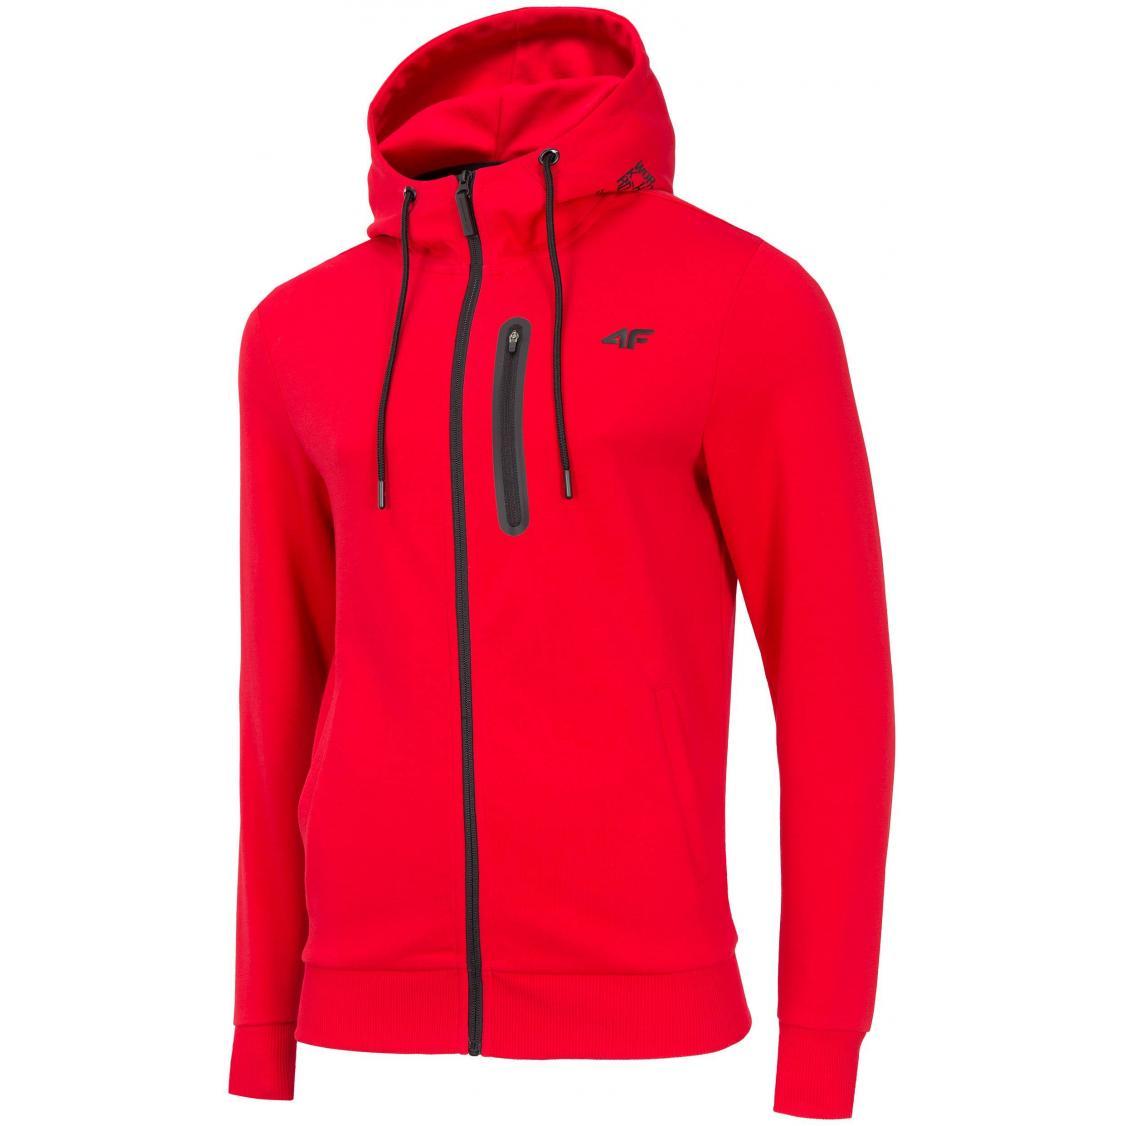 Bluza męska 4F H4Z19-BLM076 62S czerwona